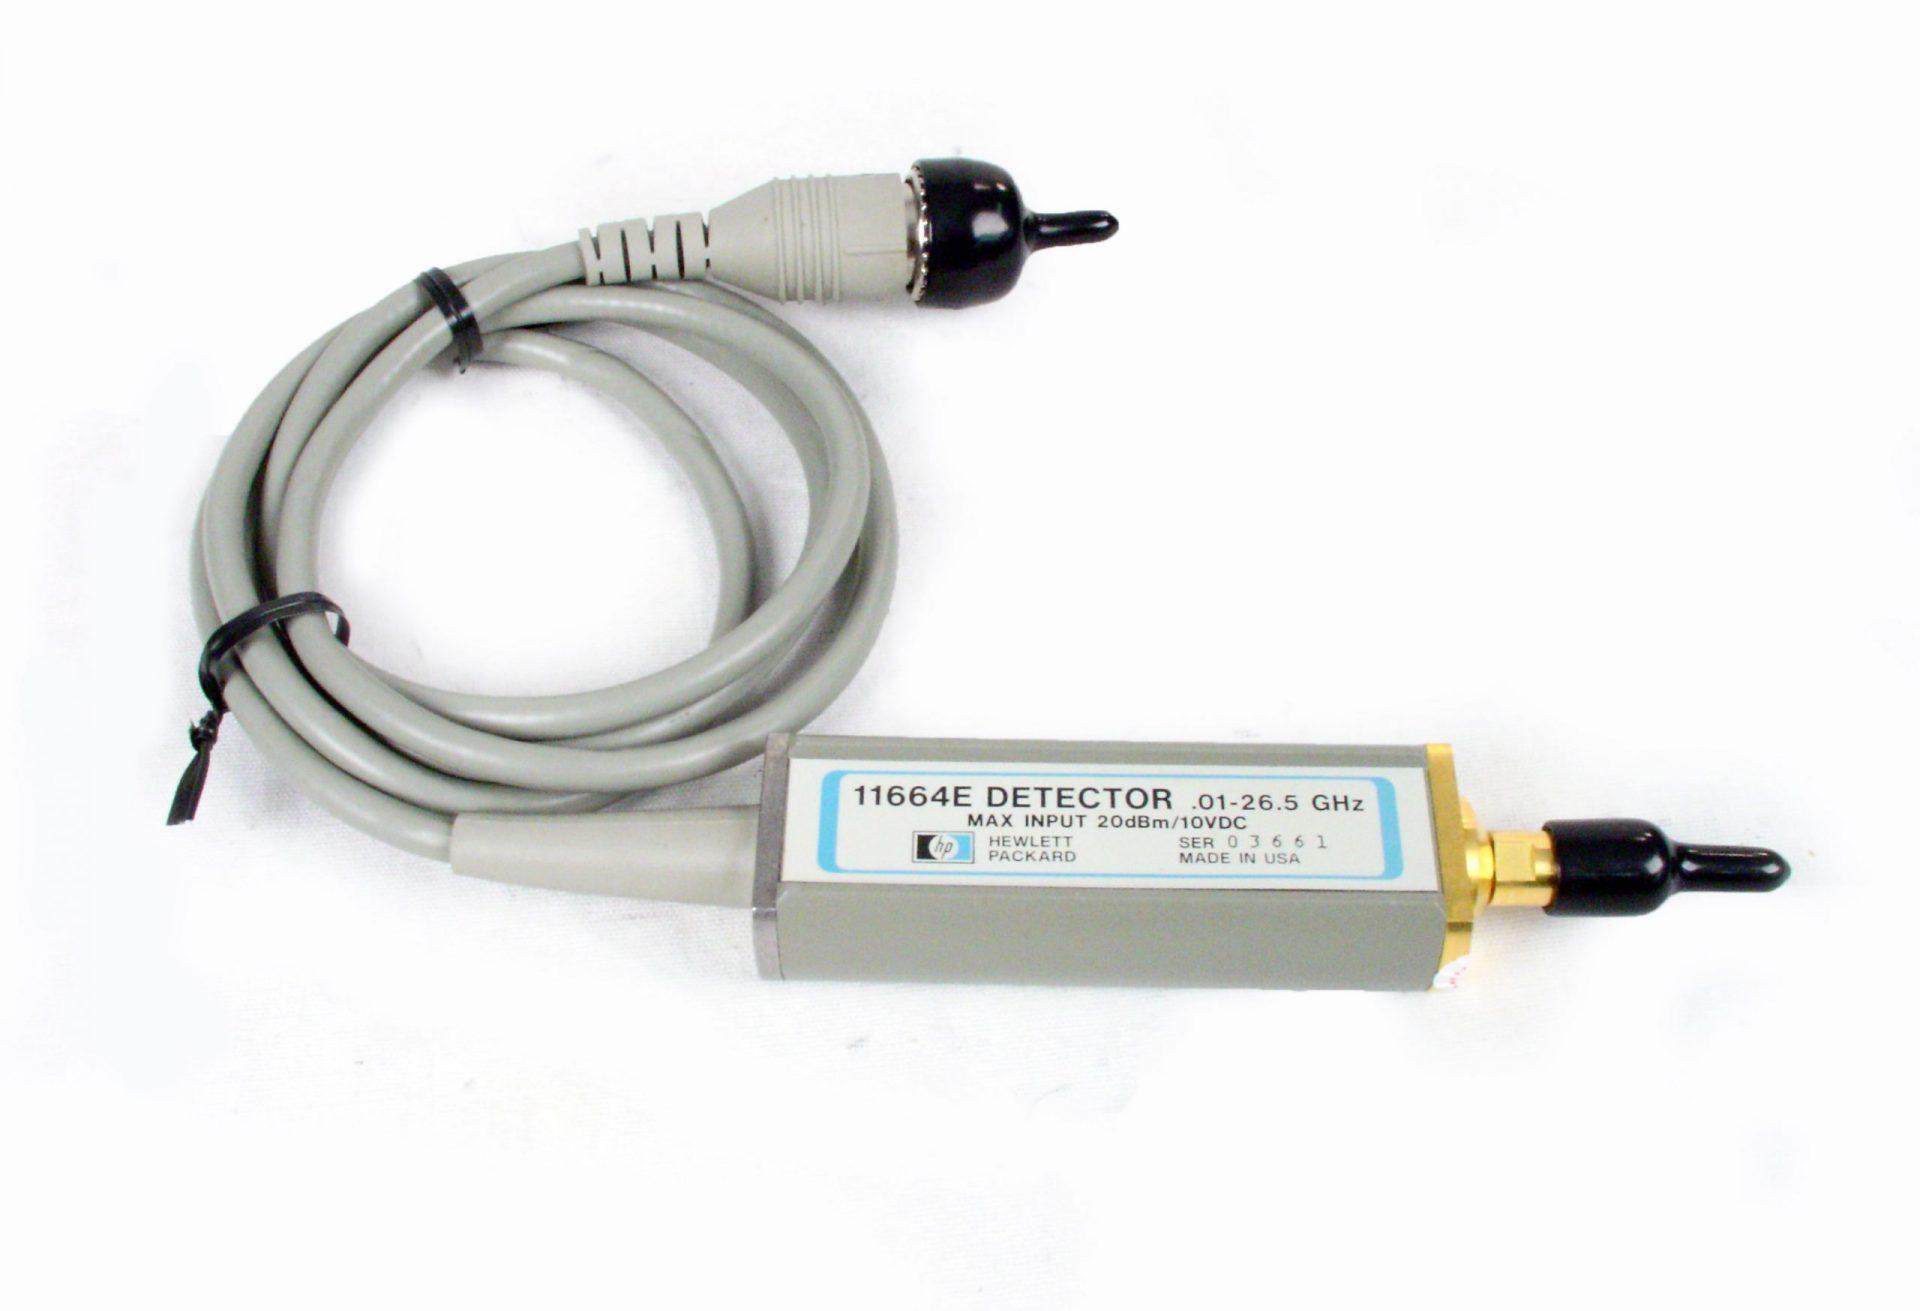 Agilent 11664E Microwave Device